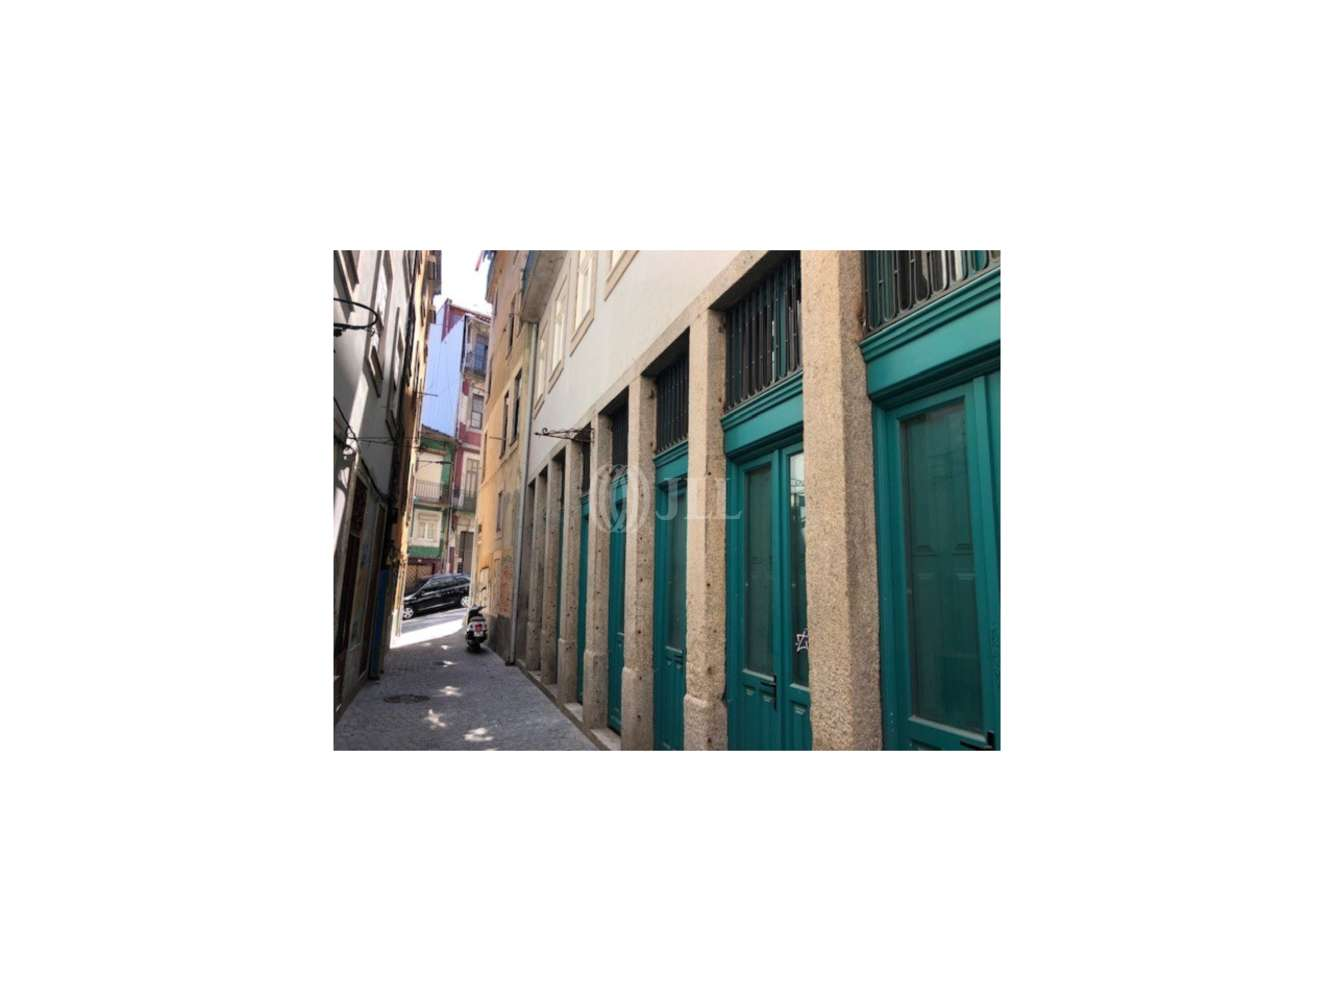 Loja Porto, 1517-191 - Loja de 2 pisos no centro histórico do Porto